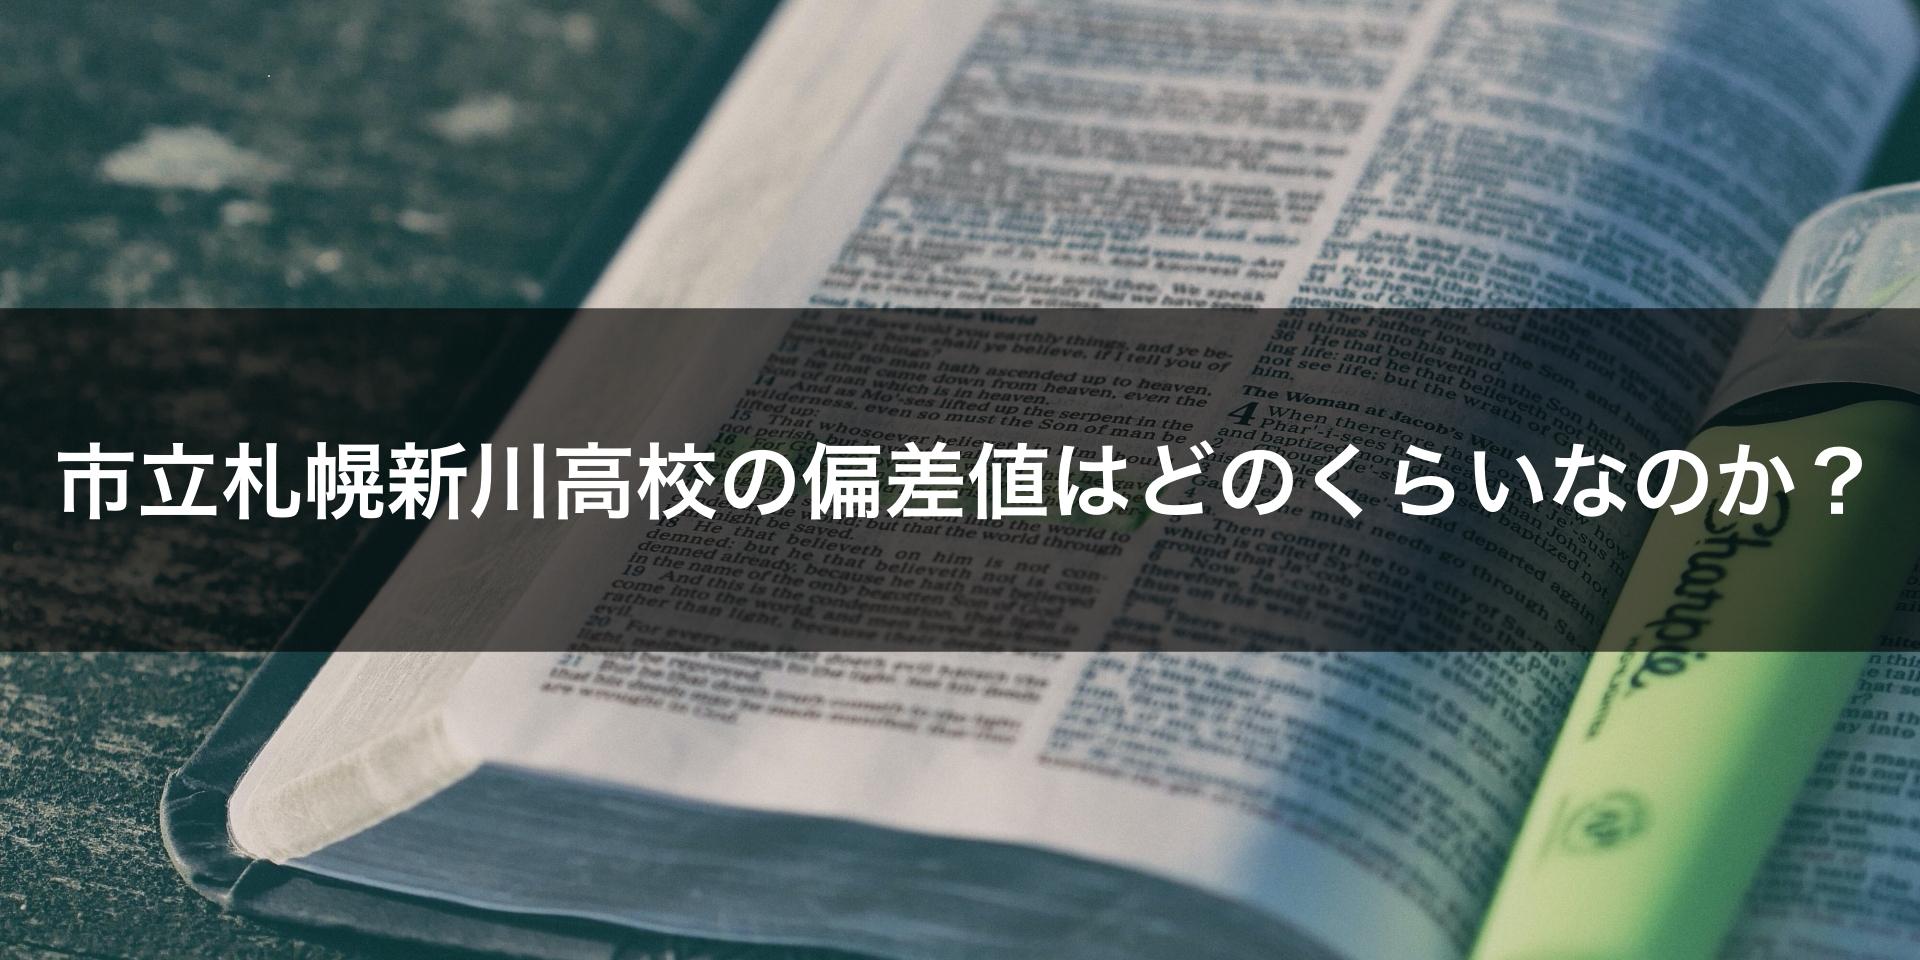 市立札幌新川高校の偏差値はどのくらいなのか?